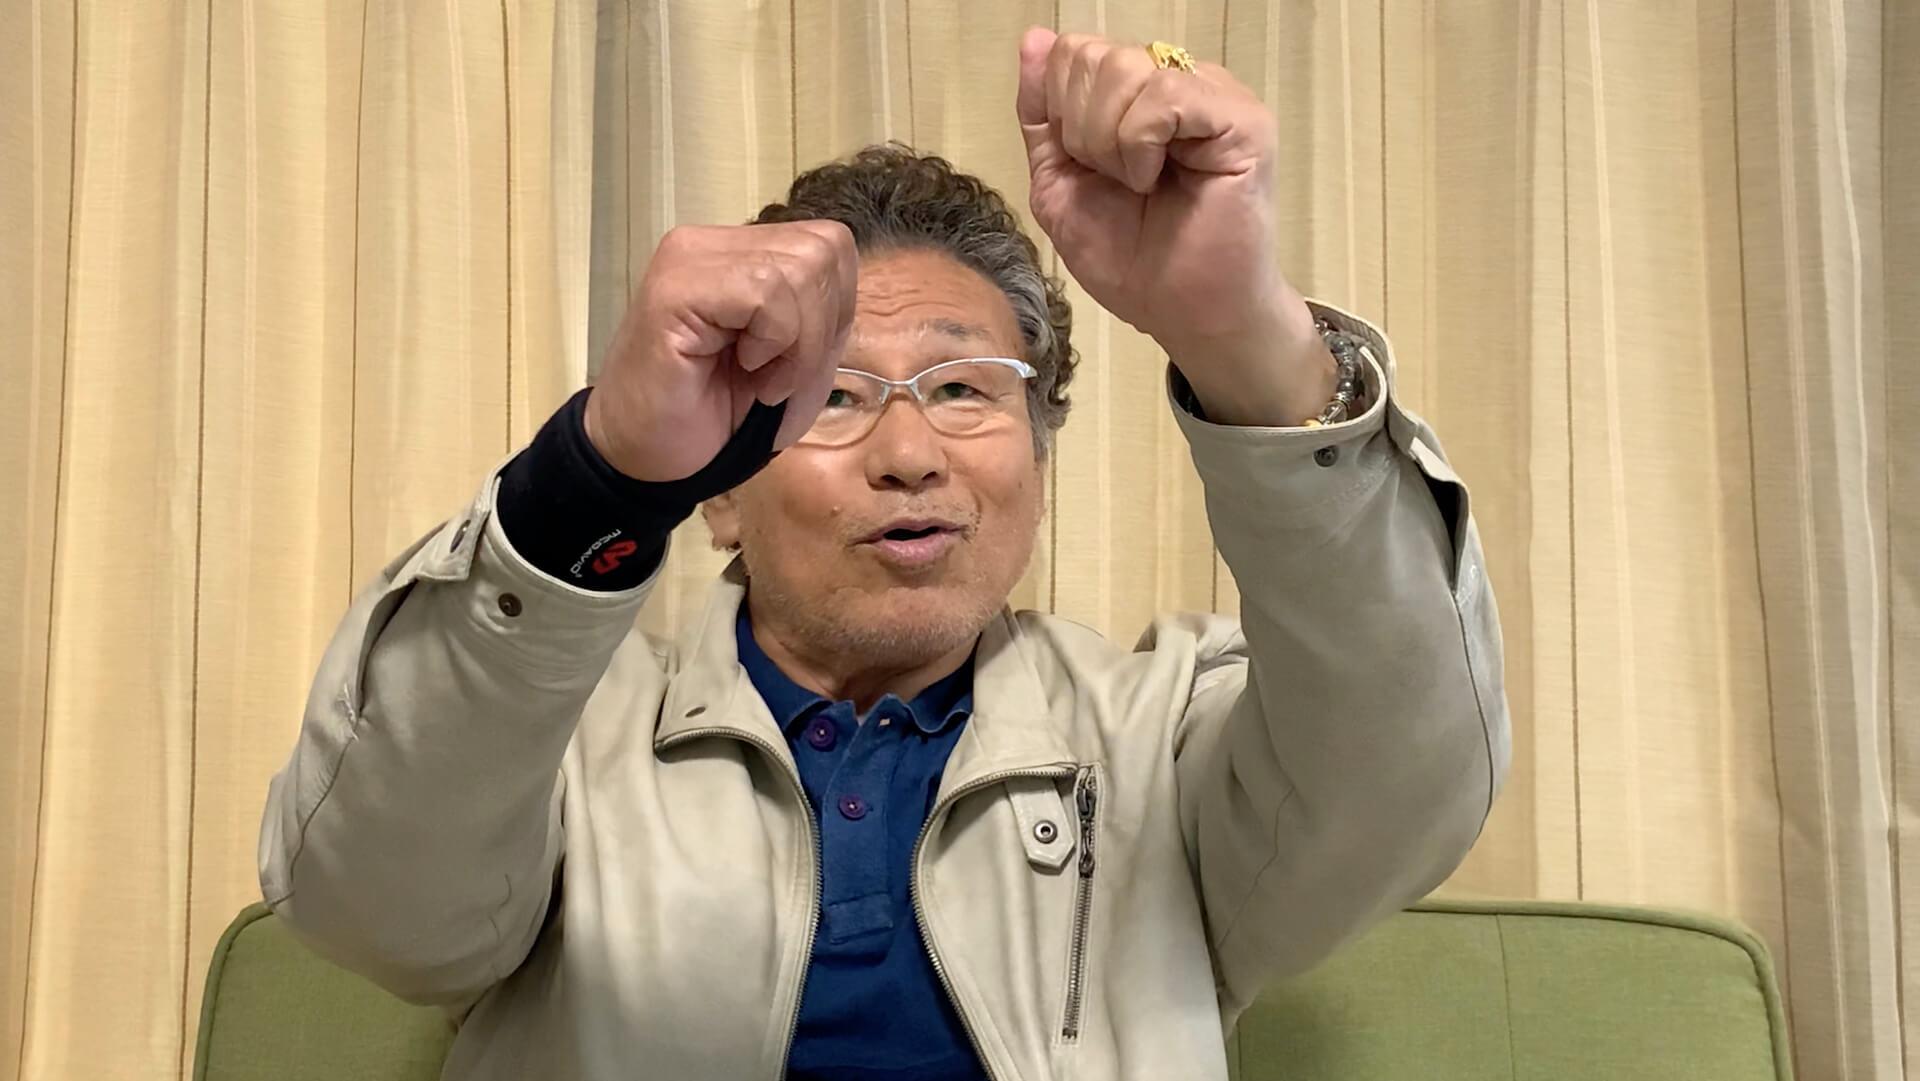 ボンバイエインタビューVol.26/天龍源一郎 column-bombaye-2